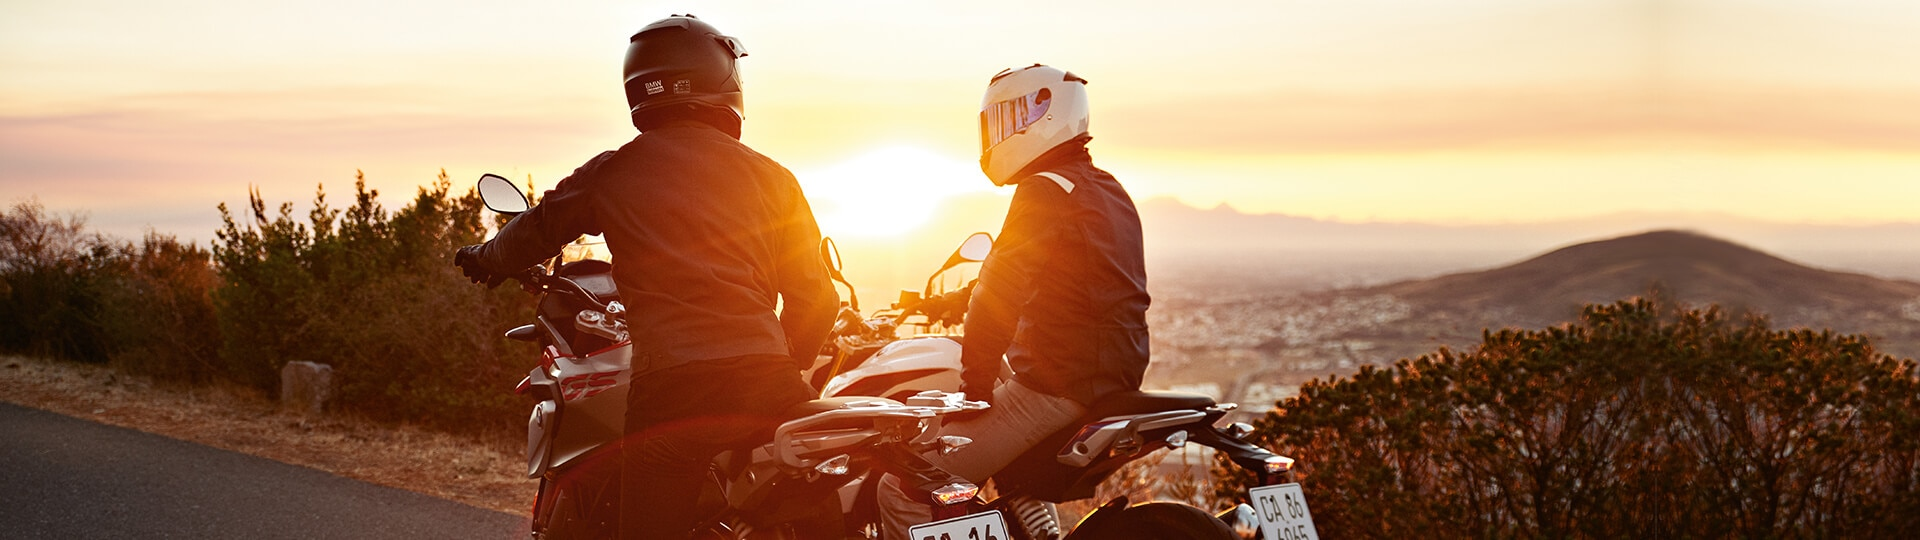 Price Bmw Motorrad